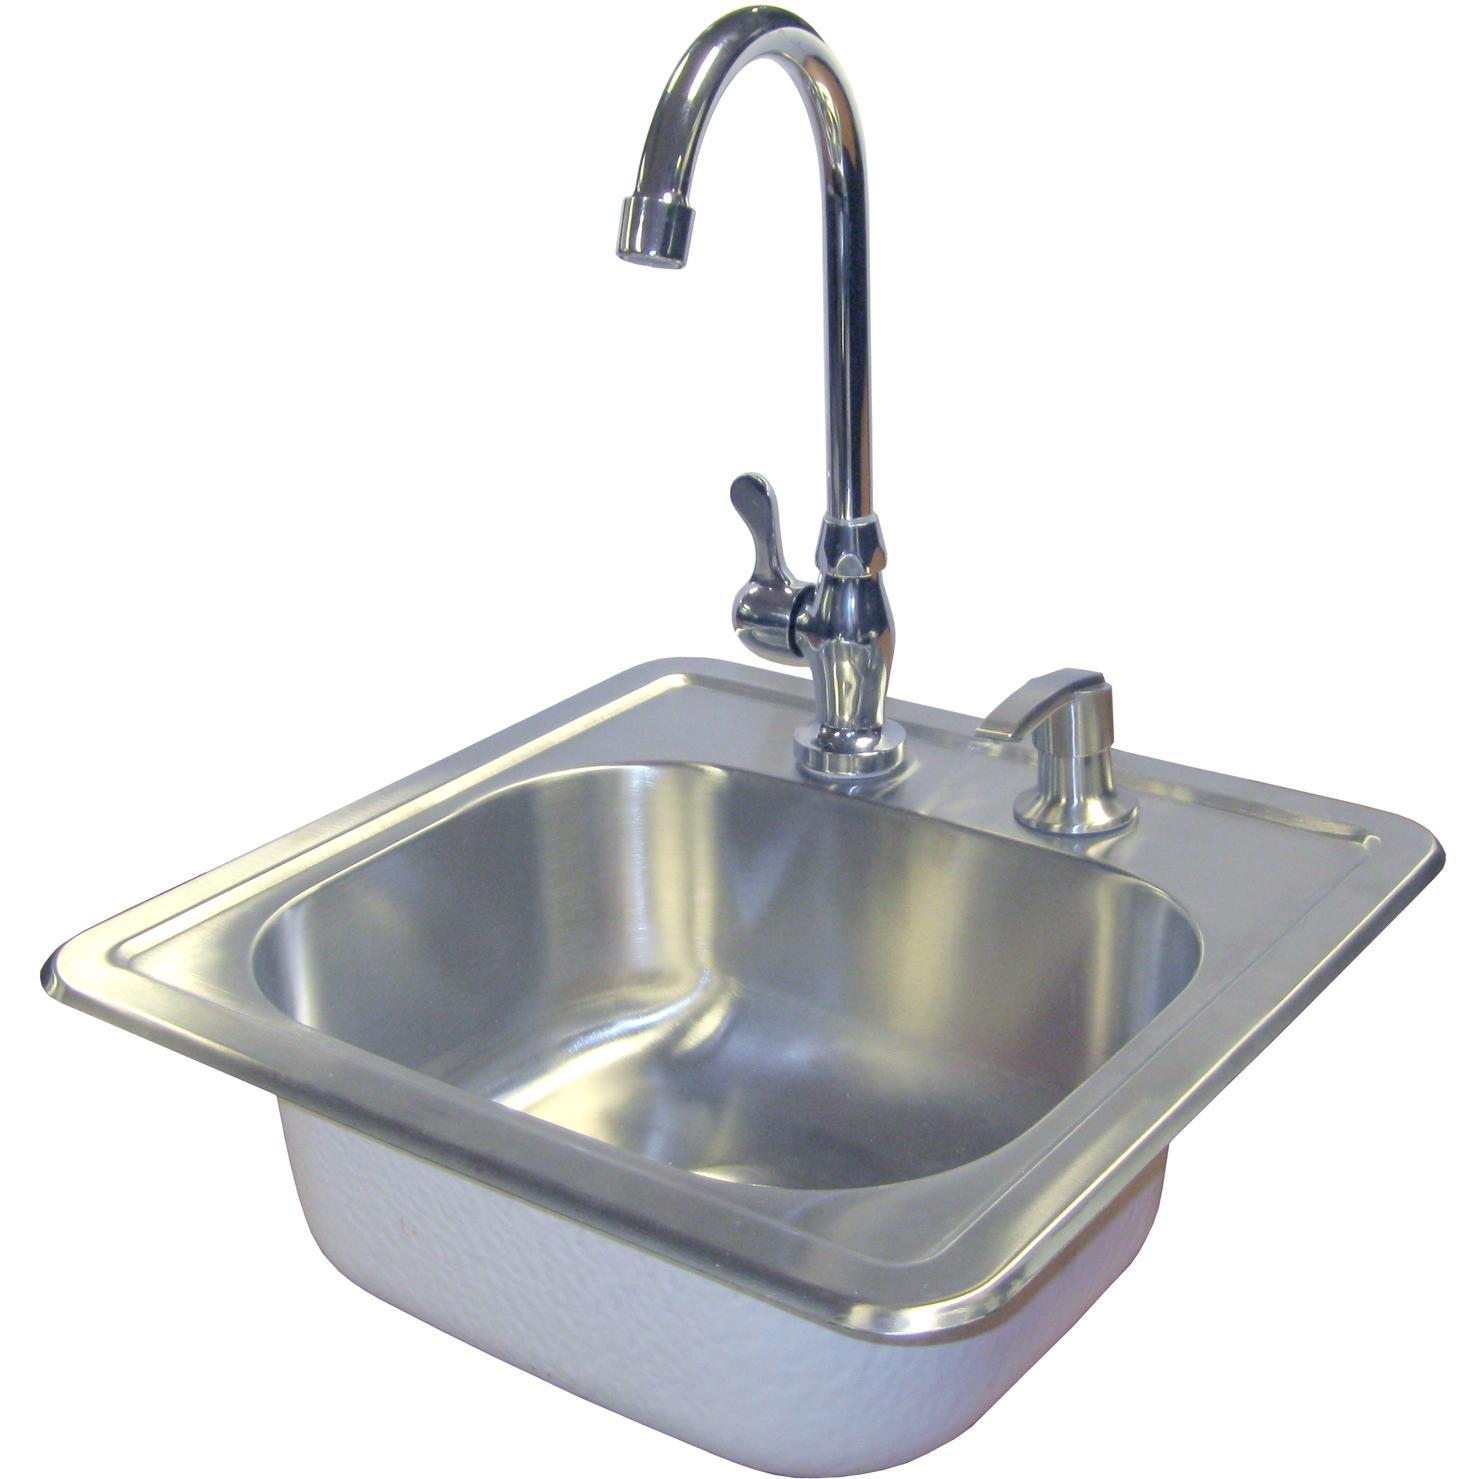 outdoor kitchen sinks u s a amp canada homeequipmentstars com